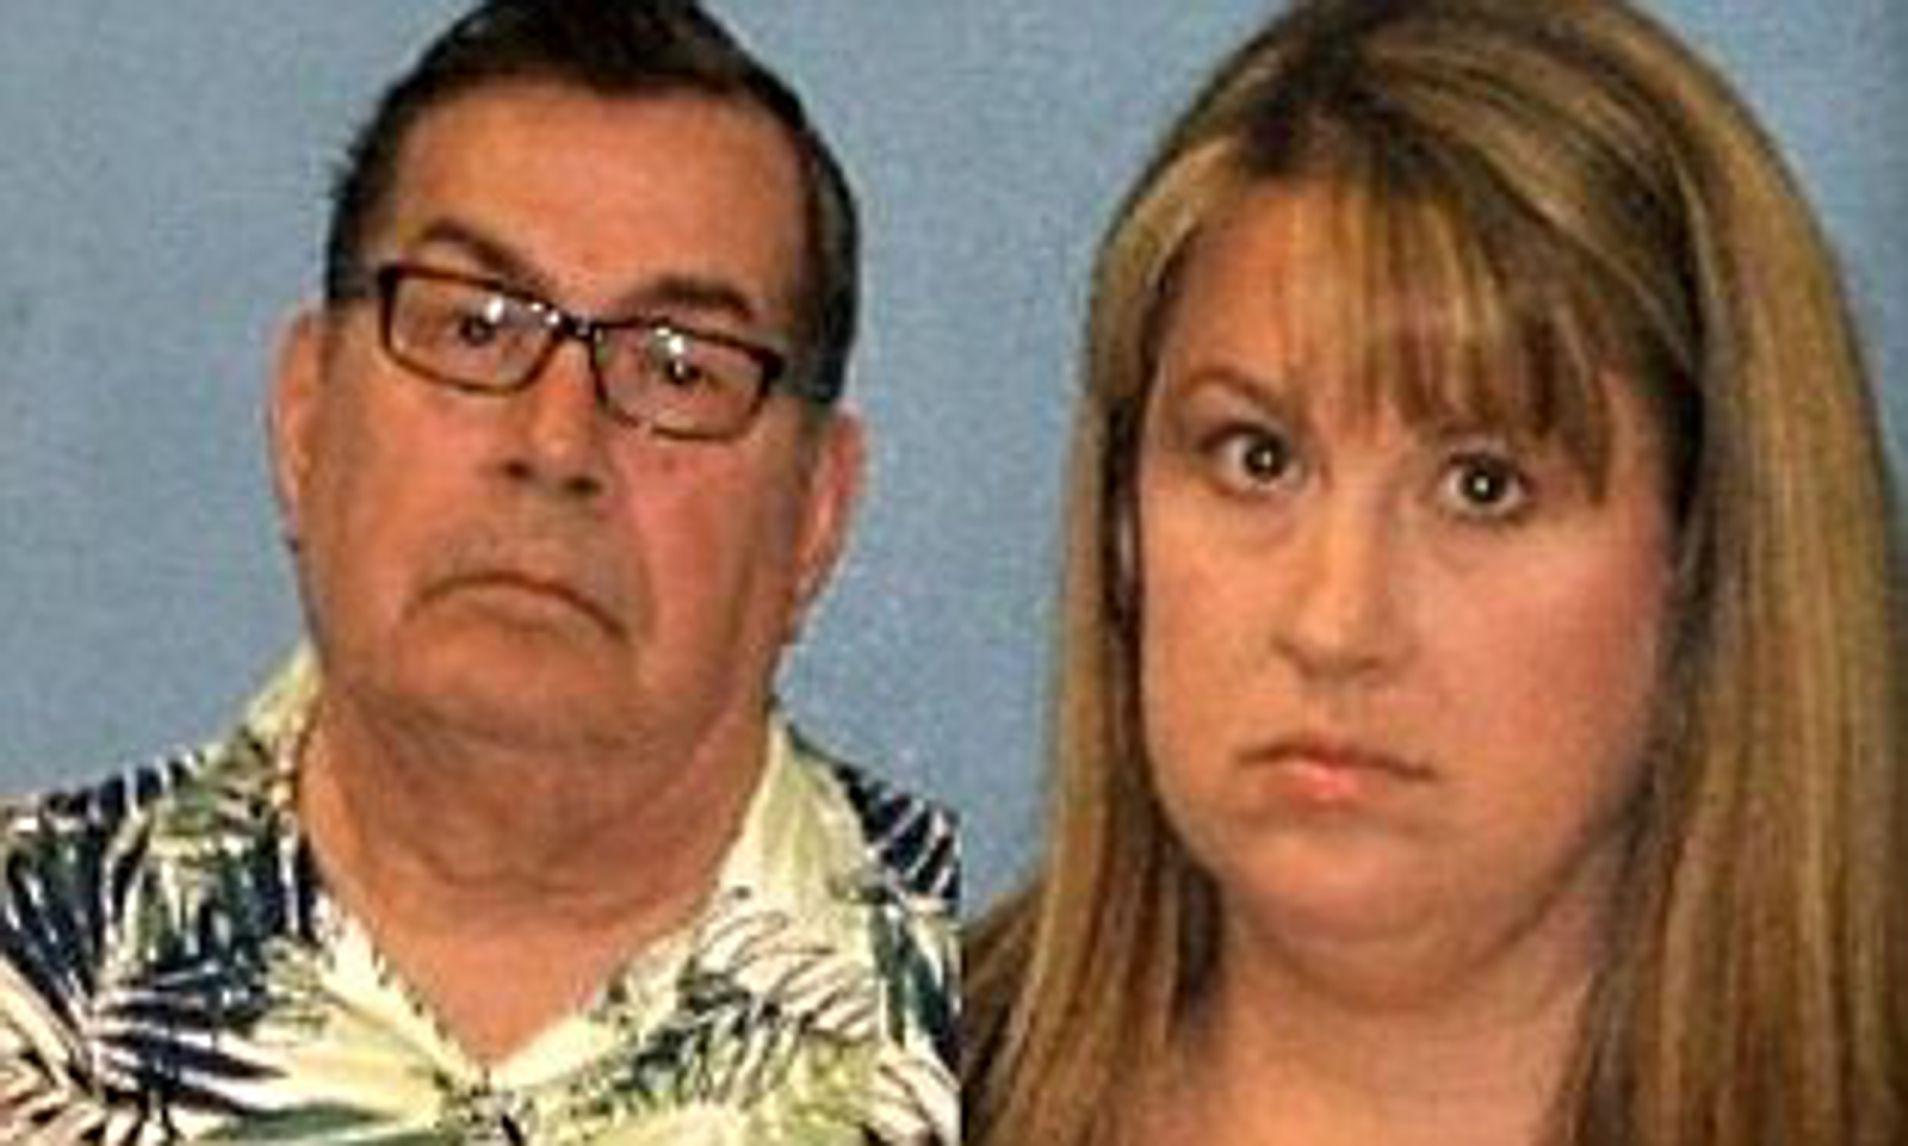 ¿Está el padre de Christine Metter en la cárcel? ¿Al Zombory está vivo o muerto? 2